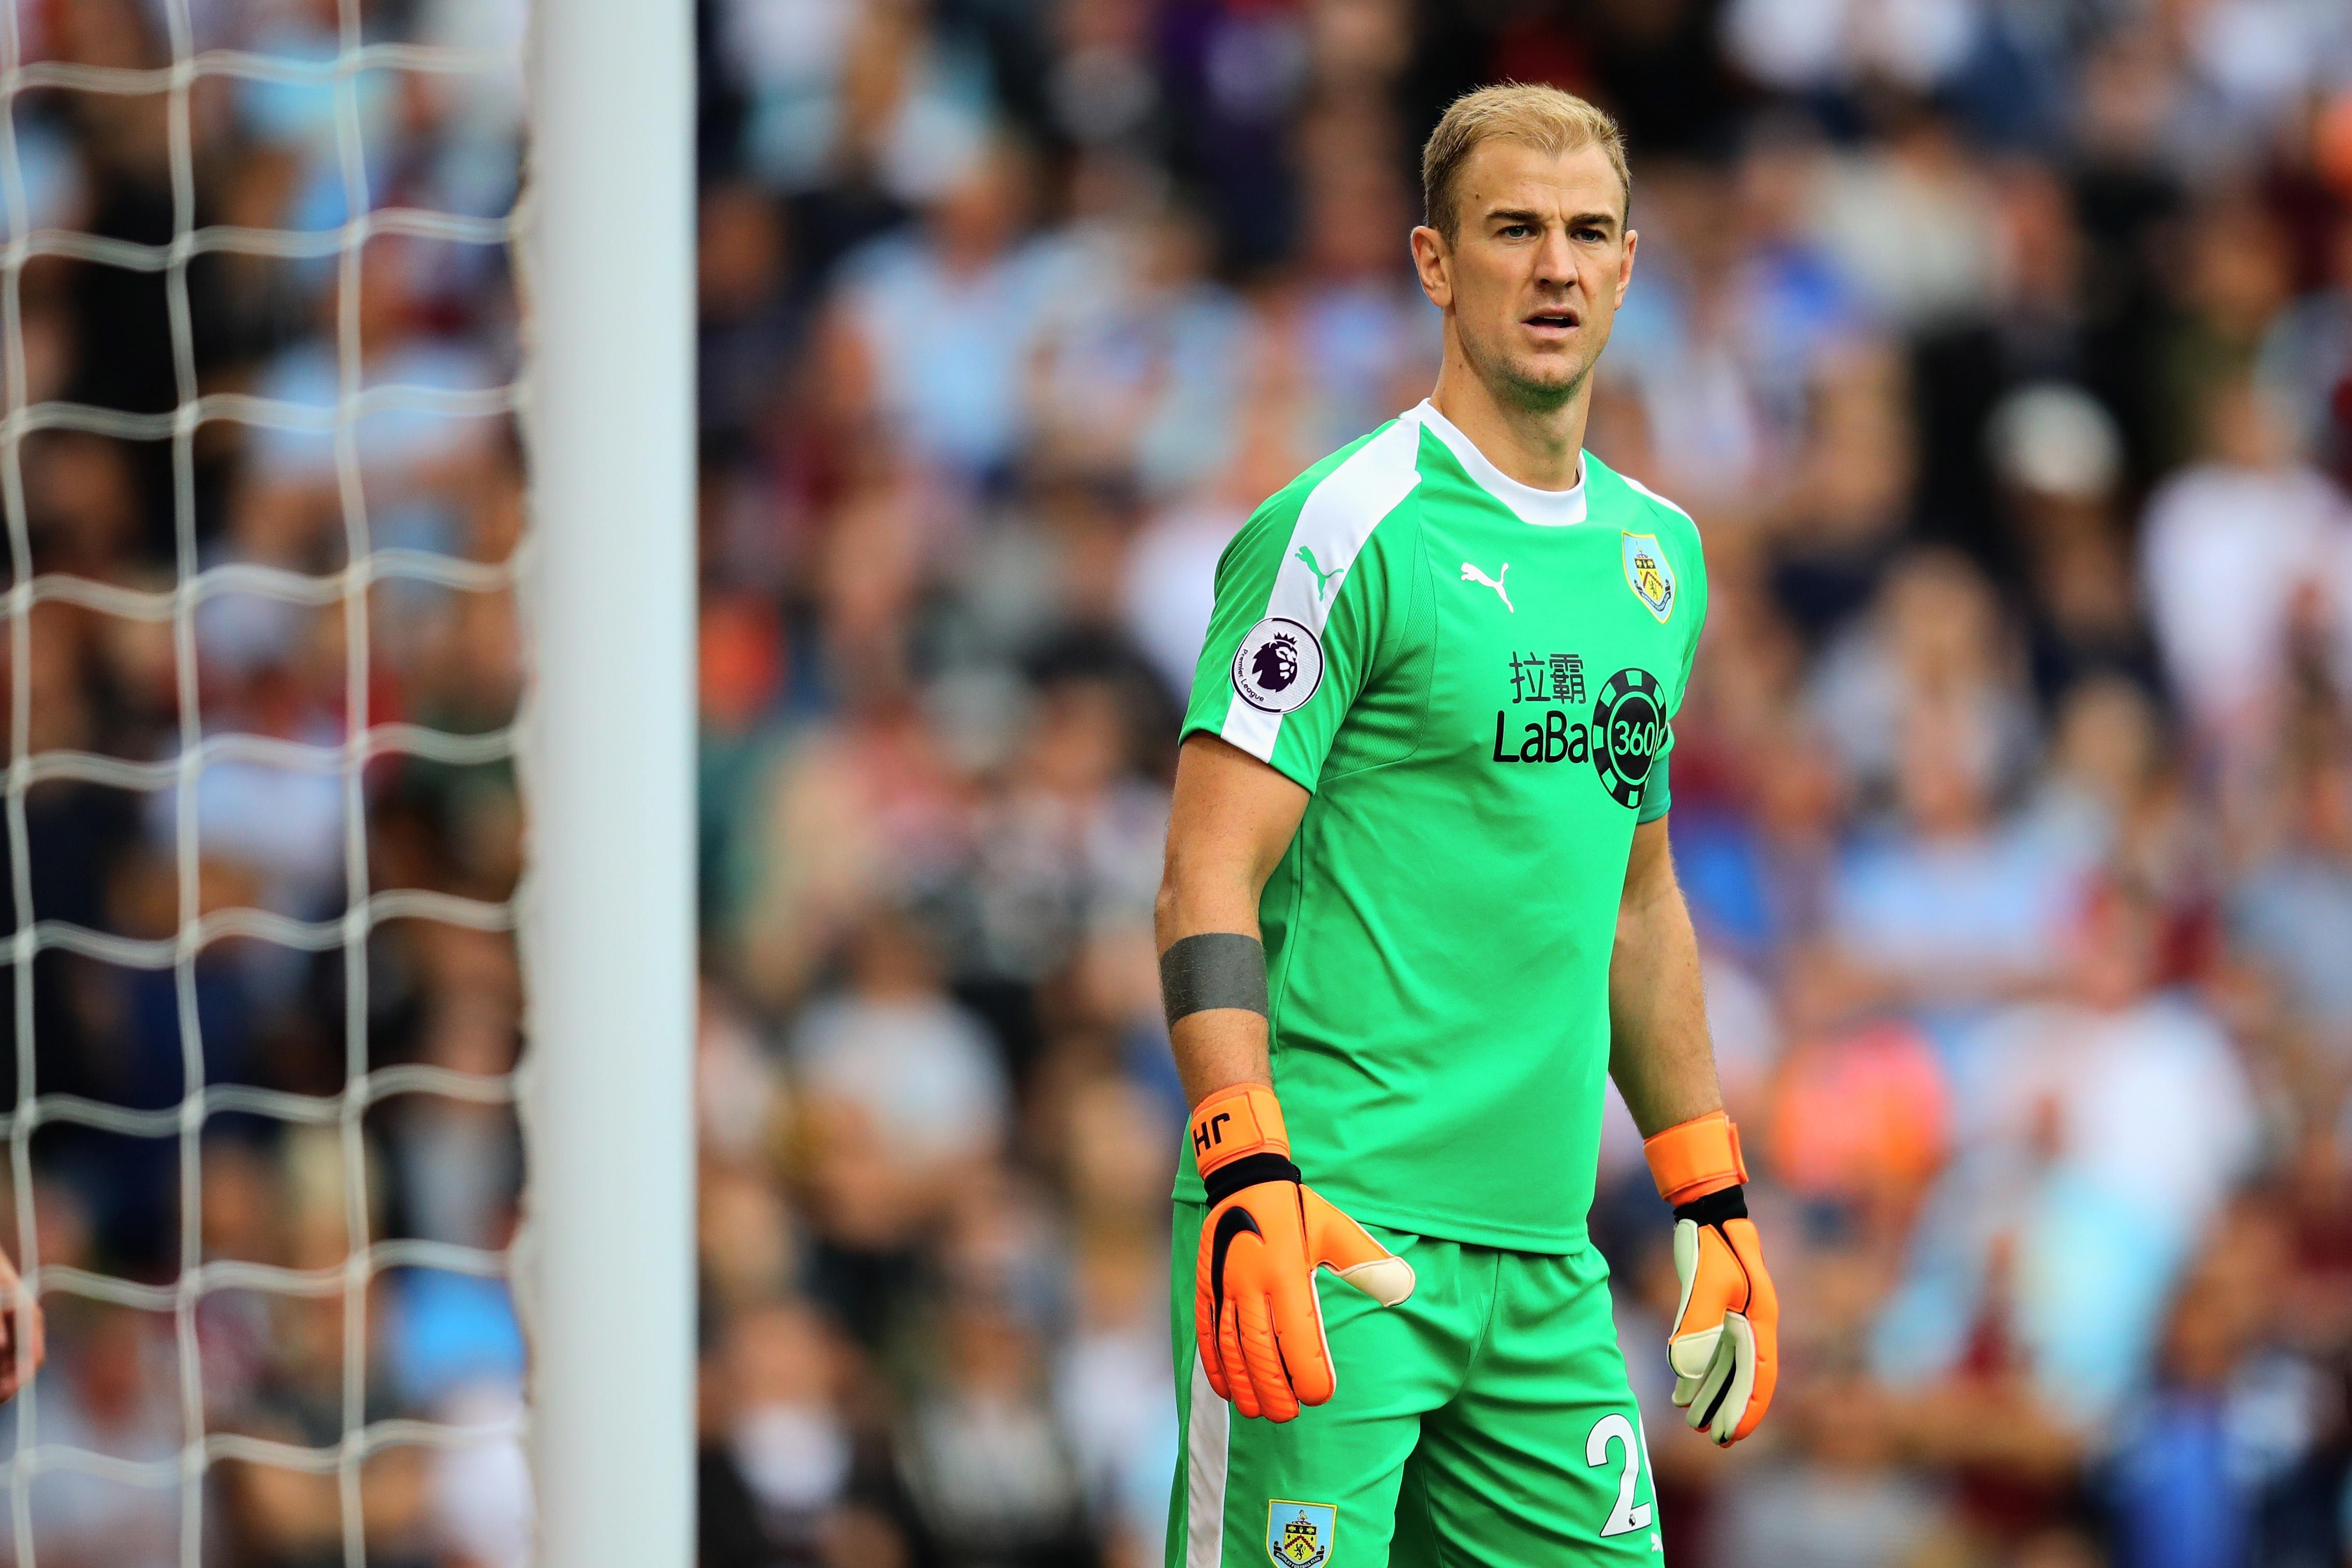 Hart's redemption